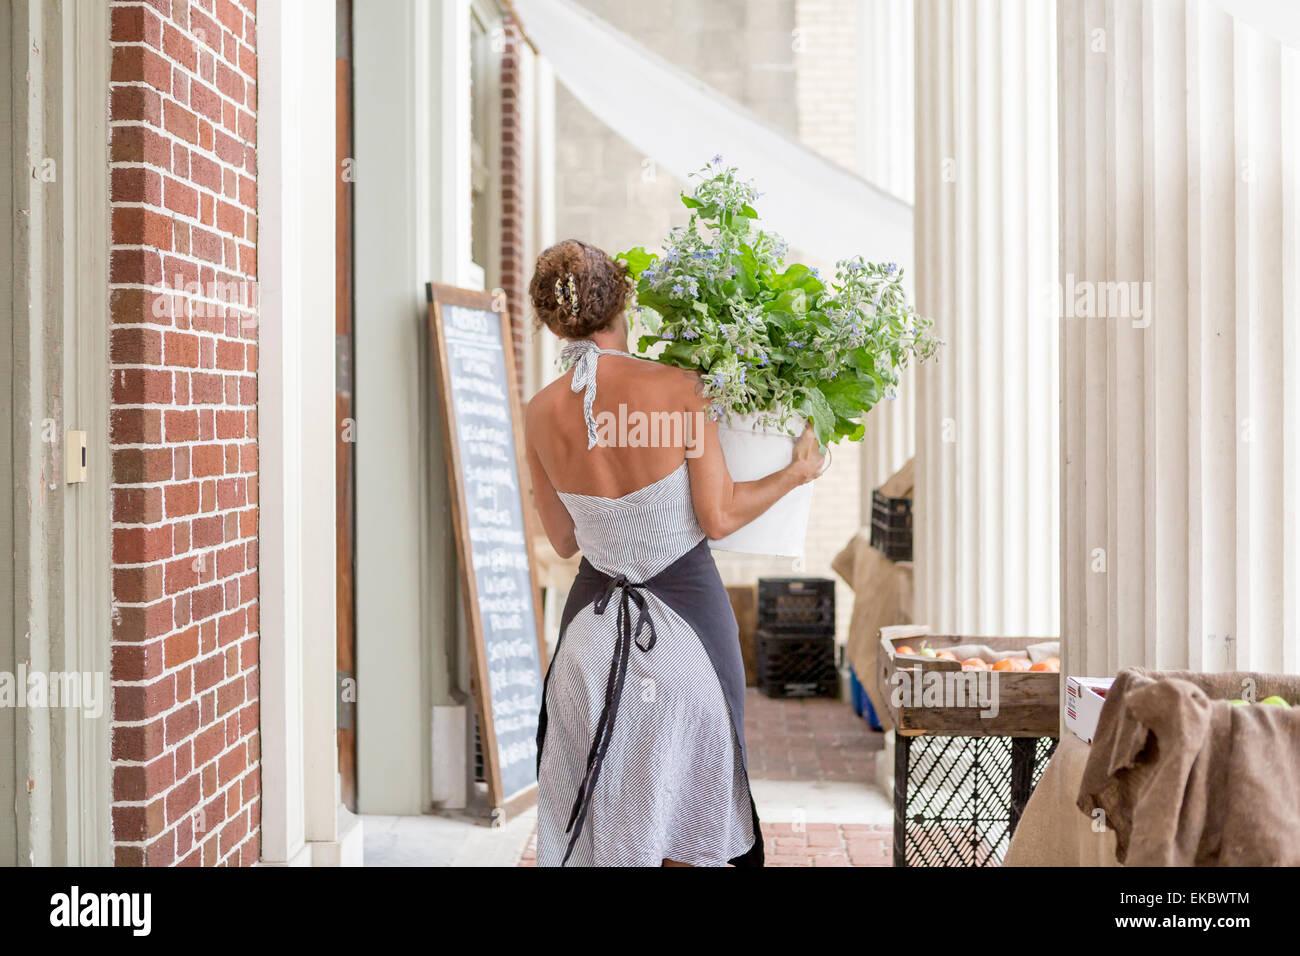 Une femme décharge produits biologiques à l'extérieur de l'épicerie Photo Stock